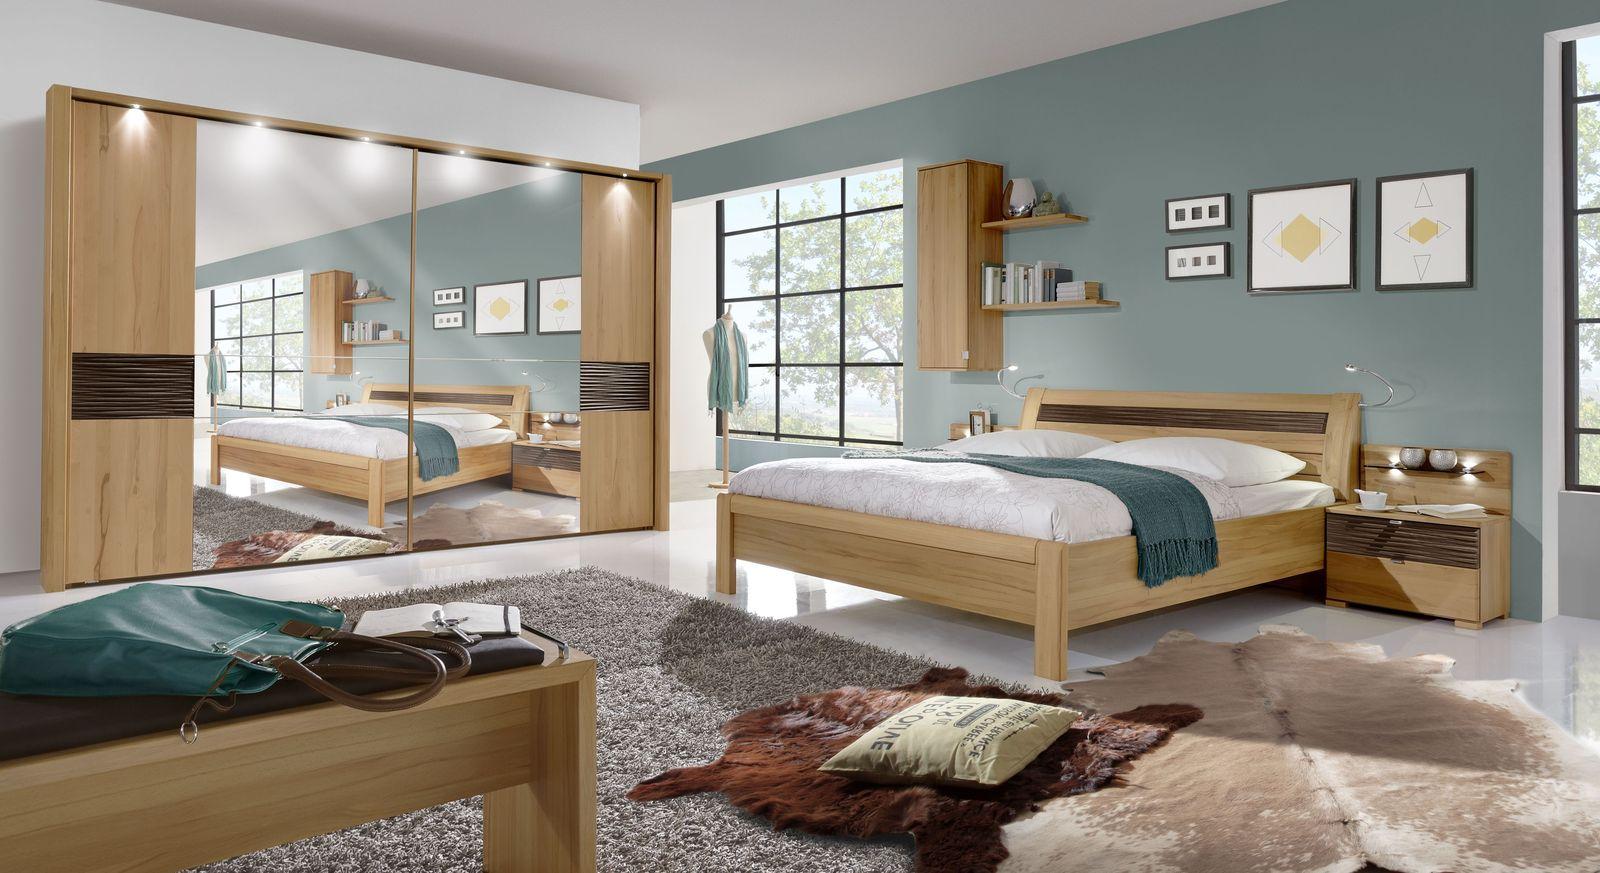 Komplett-Schlafzimmer Burbia mit Bett Kleiderschrank und Nachttisch